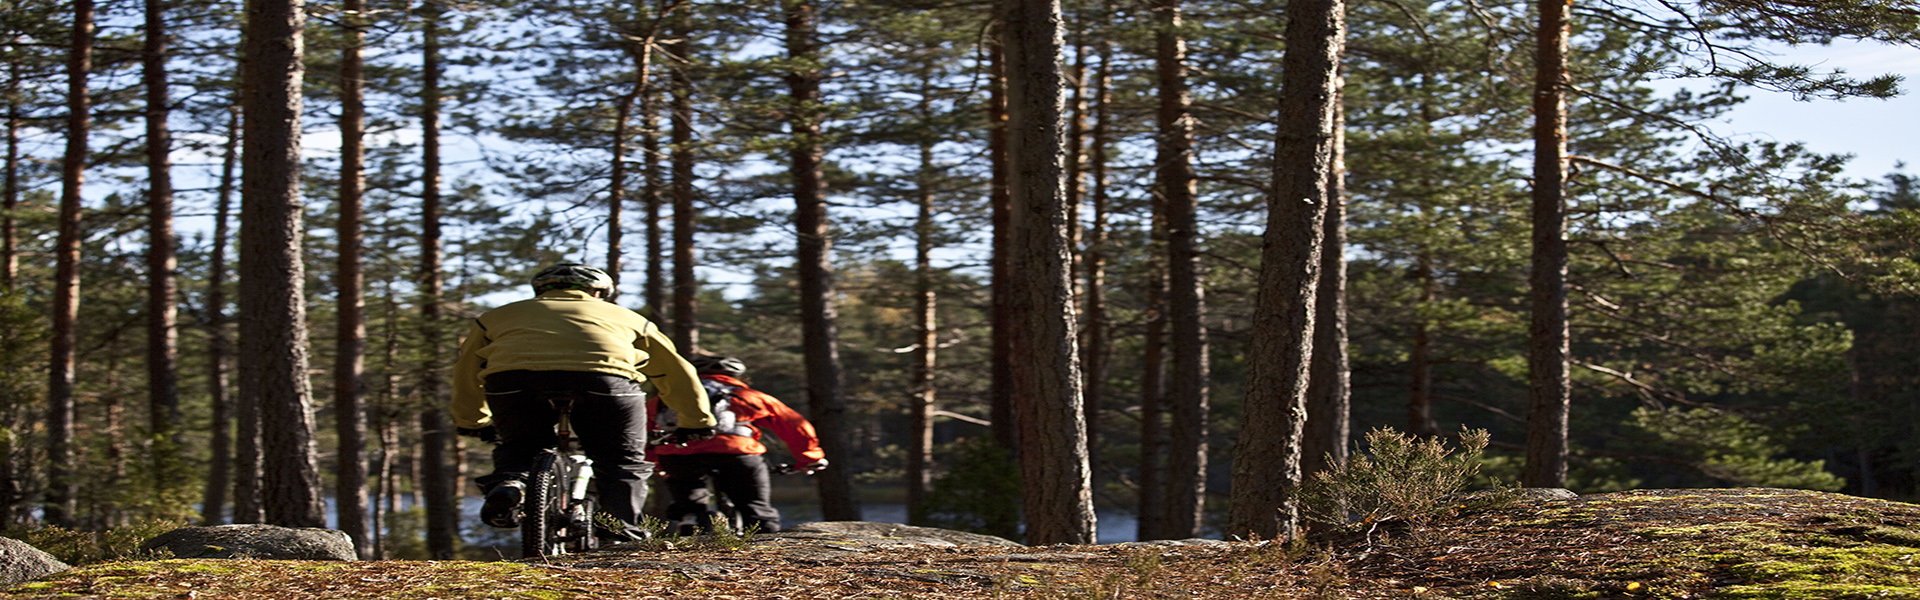 Kaksi maastopyöräilijää metsämaisemassa